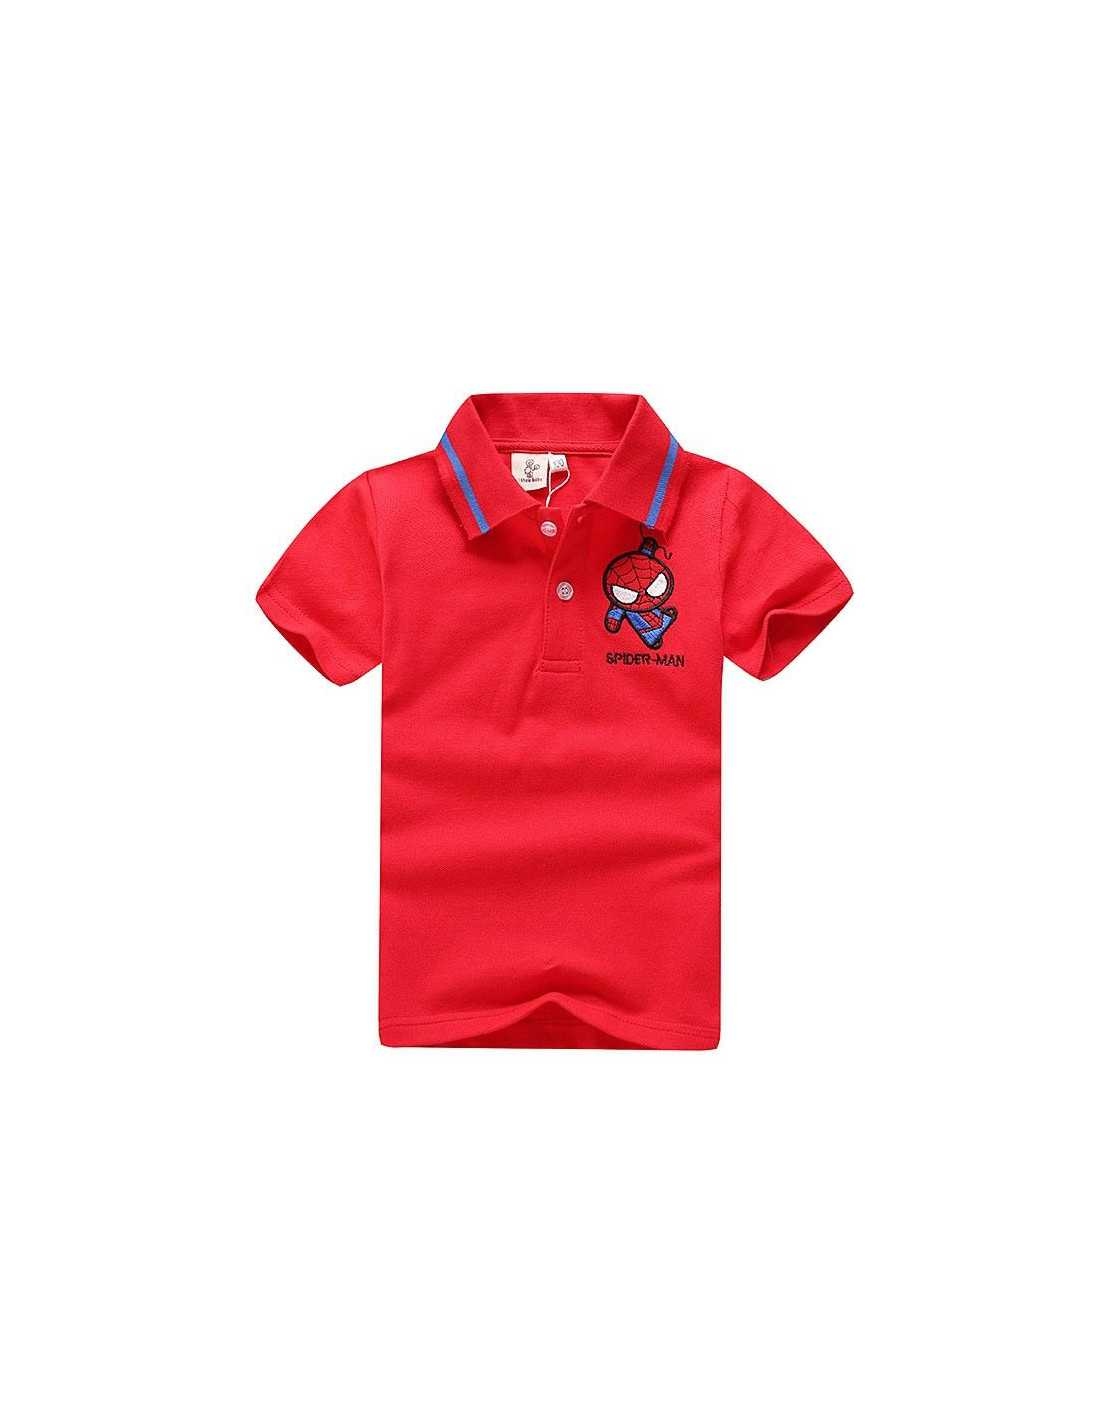 Детская футболка поло с логотипом Spider-Man красная